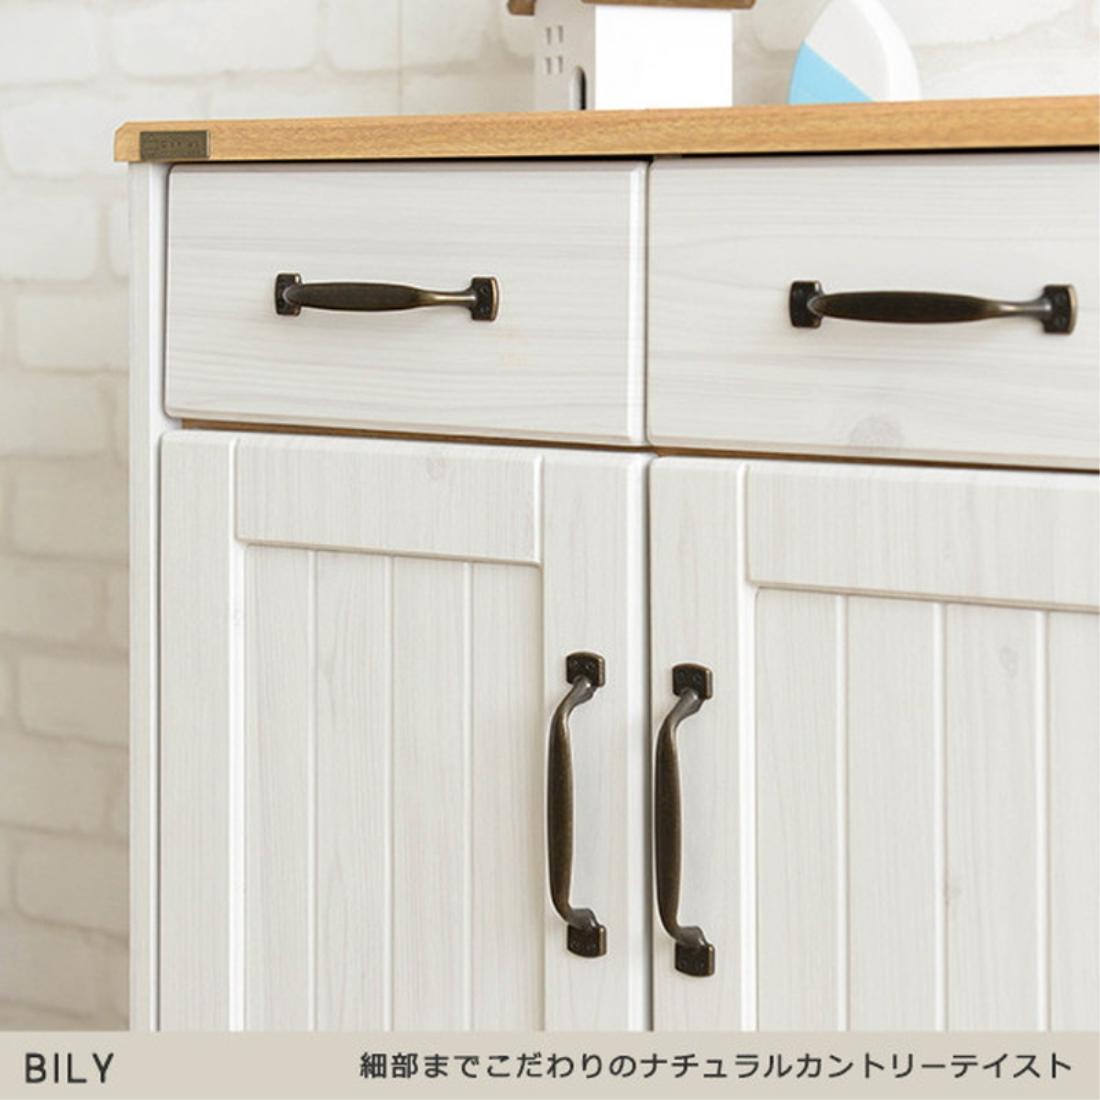 送料無料 オシャレ 家具 飾り 収納 木製 BILY(バイリー) キャビネット(60cm幅) オシャレ